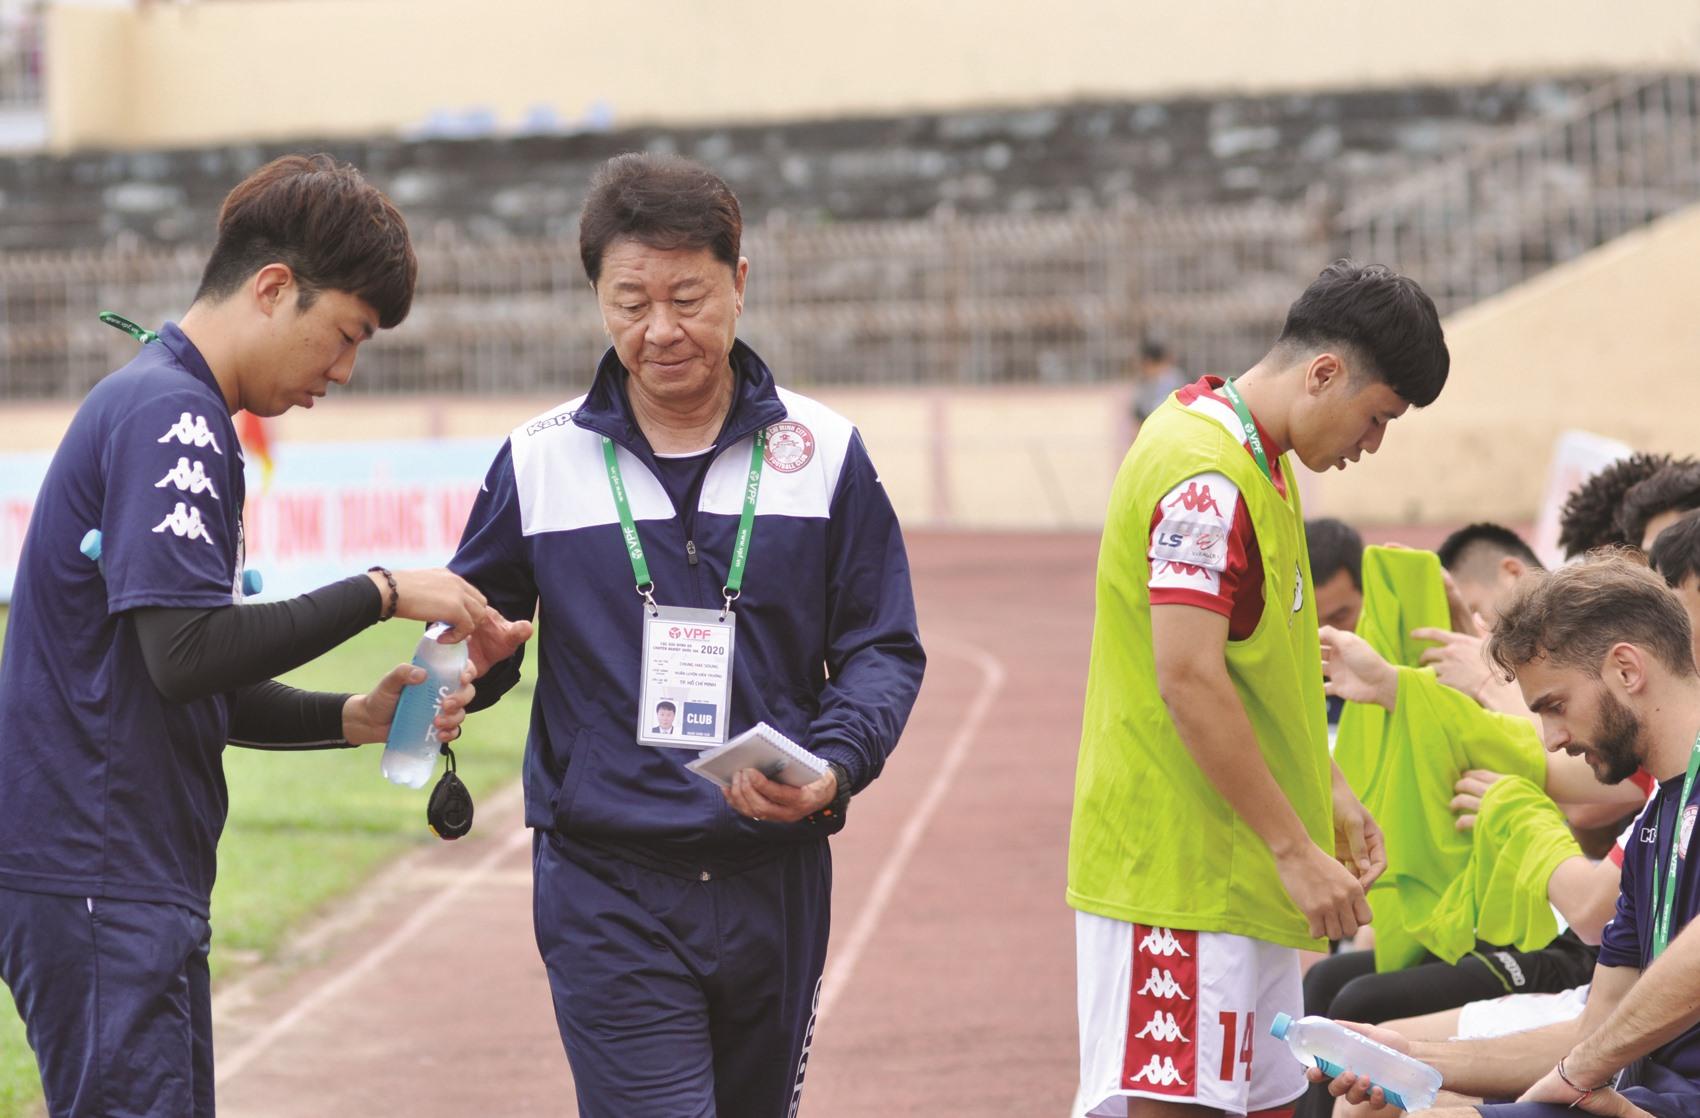 HLV Chung Hae Seong bất ngờ chia tay TP.Hồ Chí Minh.Ảnh: T.V